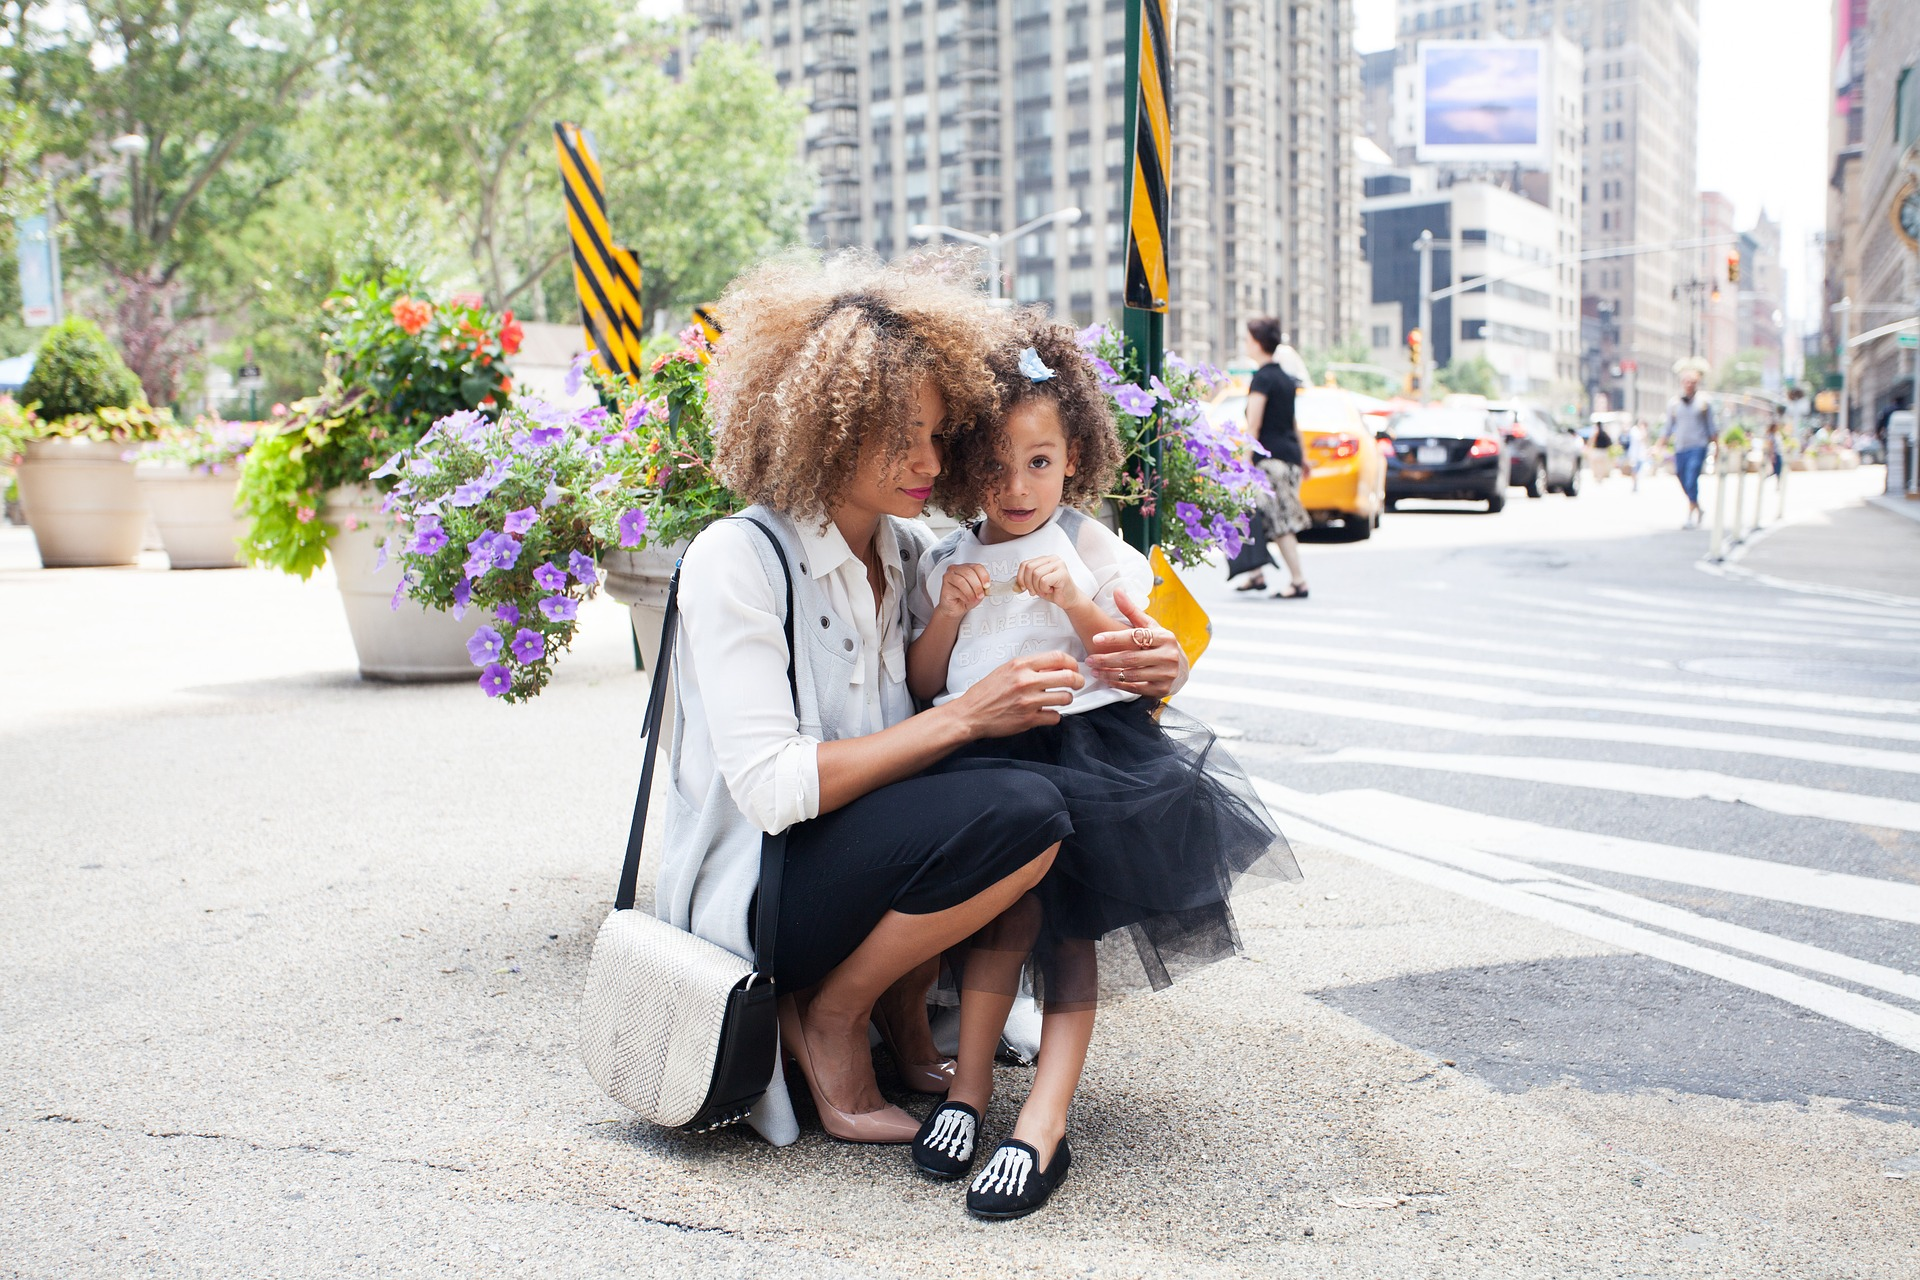 母子及び父子並びに寡婦福祉で受けられるサービスの内容